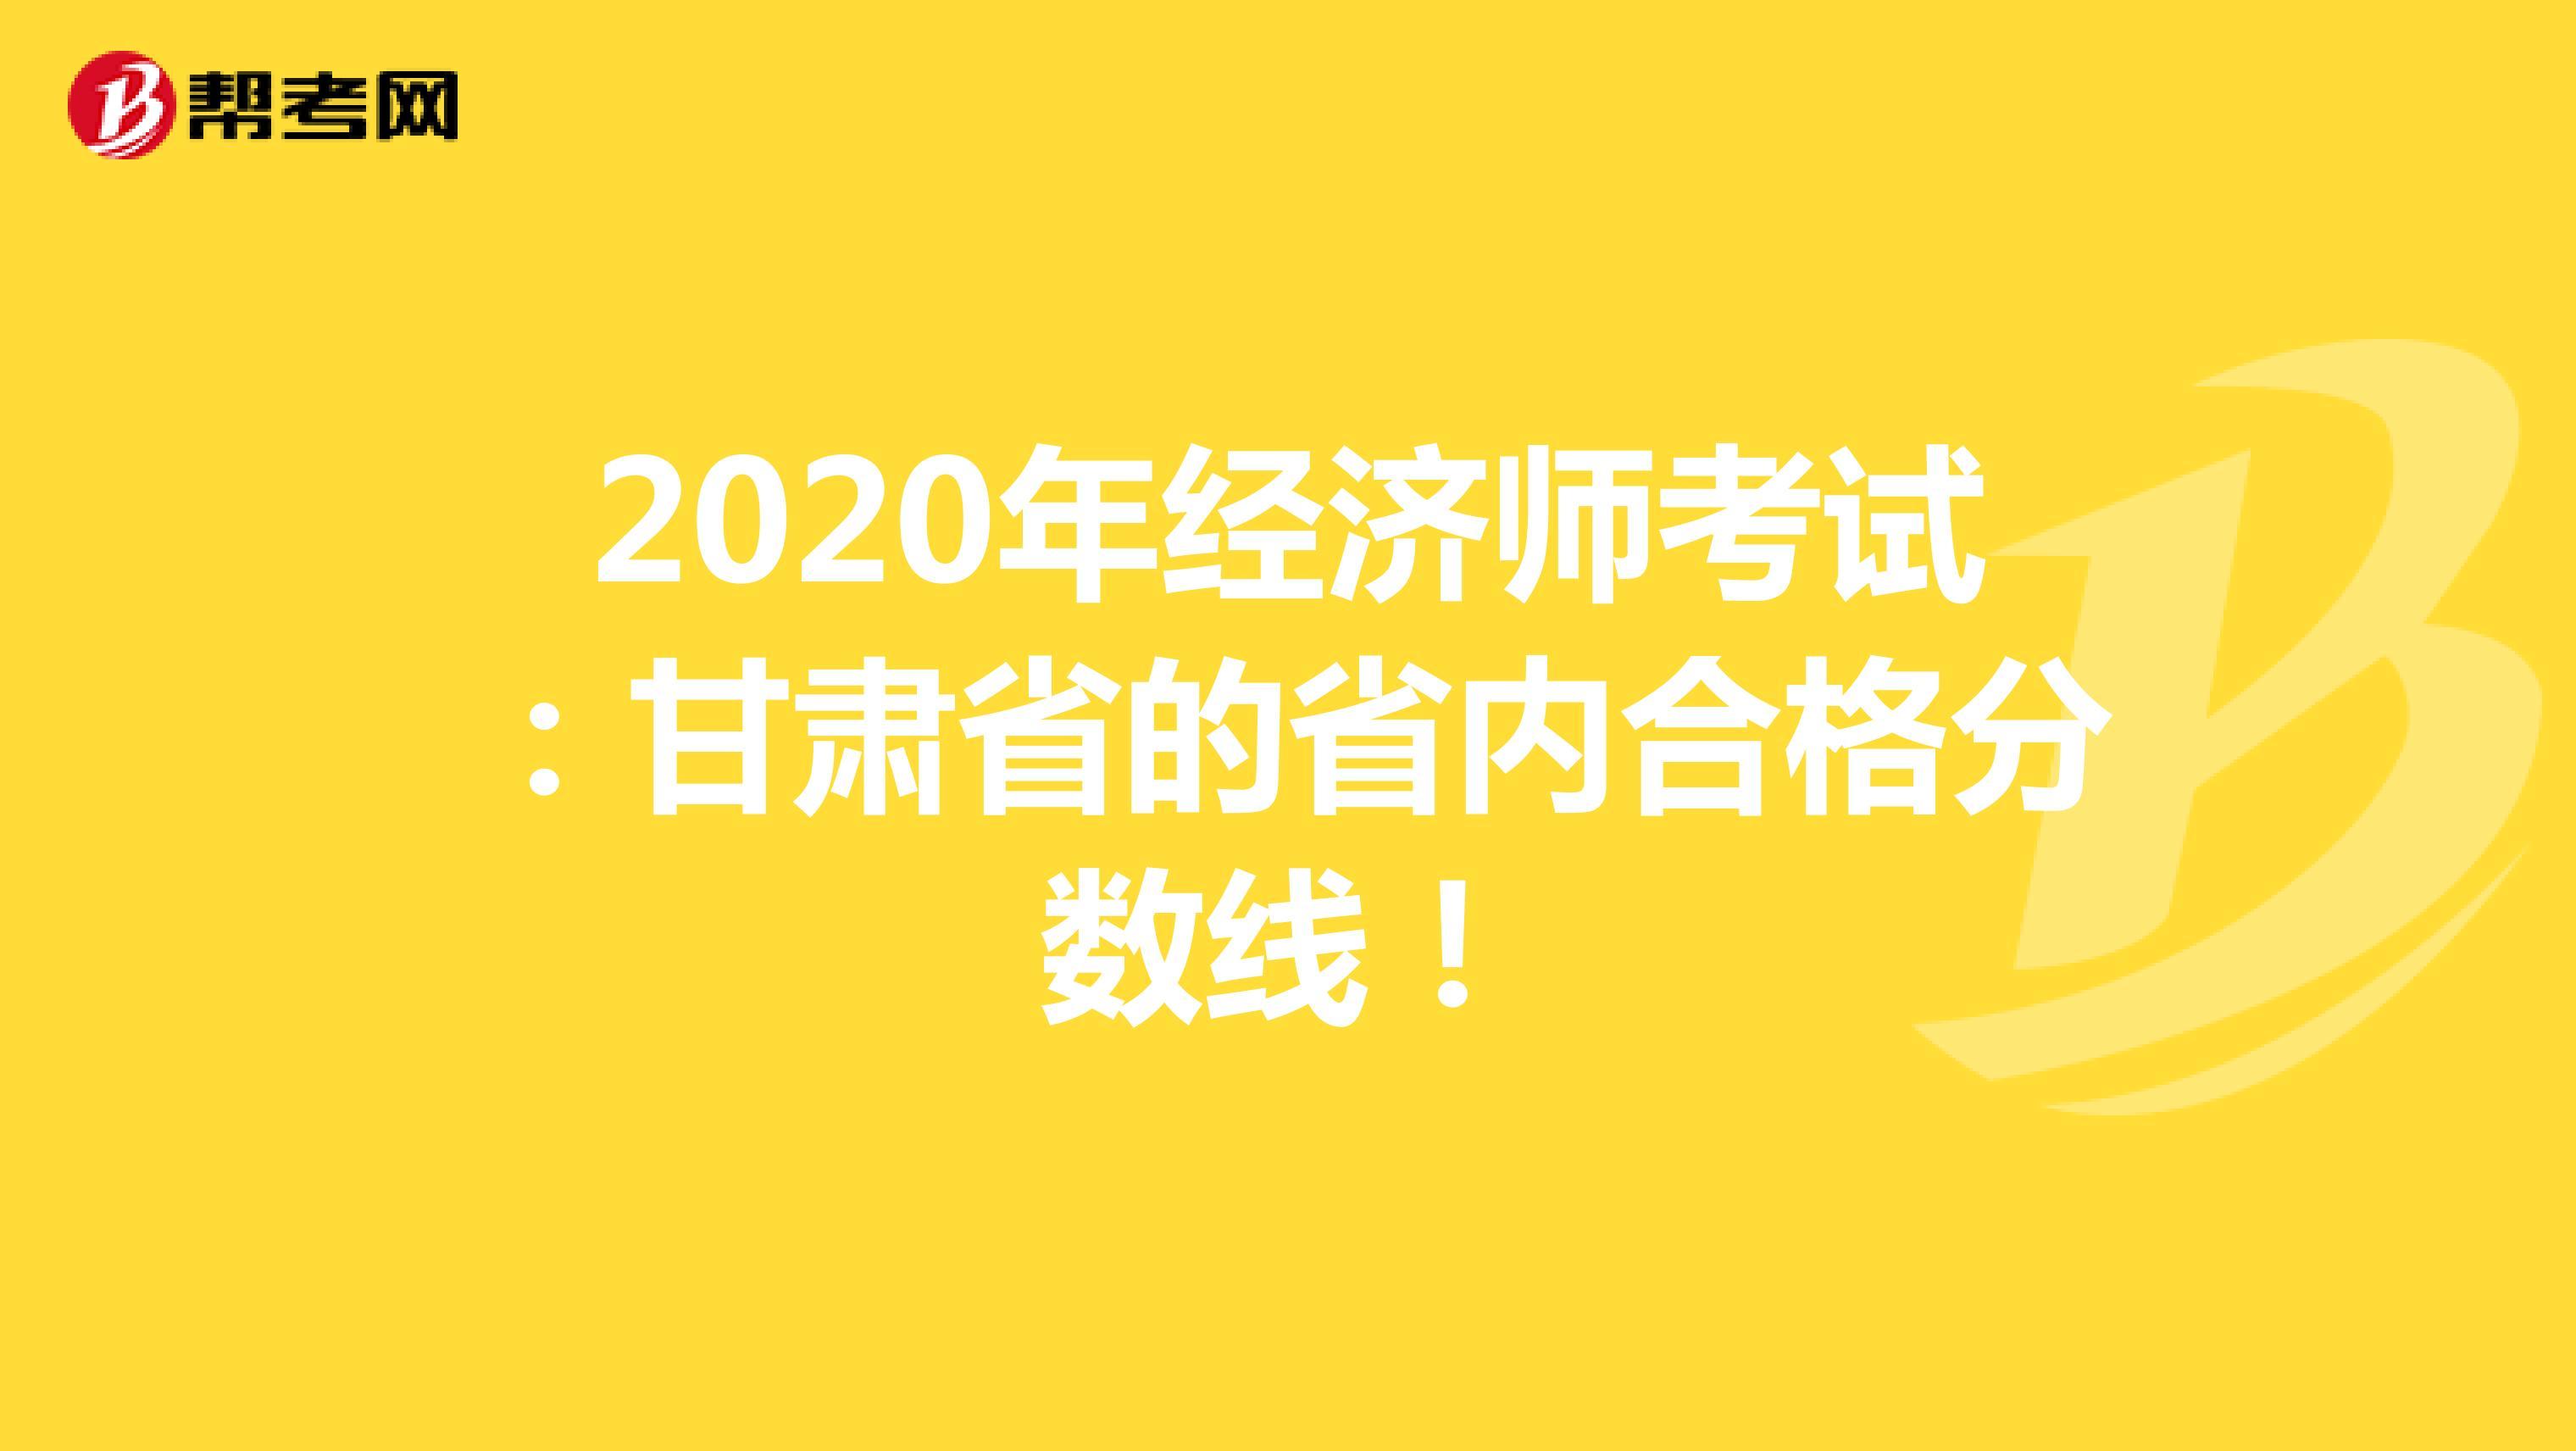 2020年经济师考试:甘肃省的省内合格分数线!